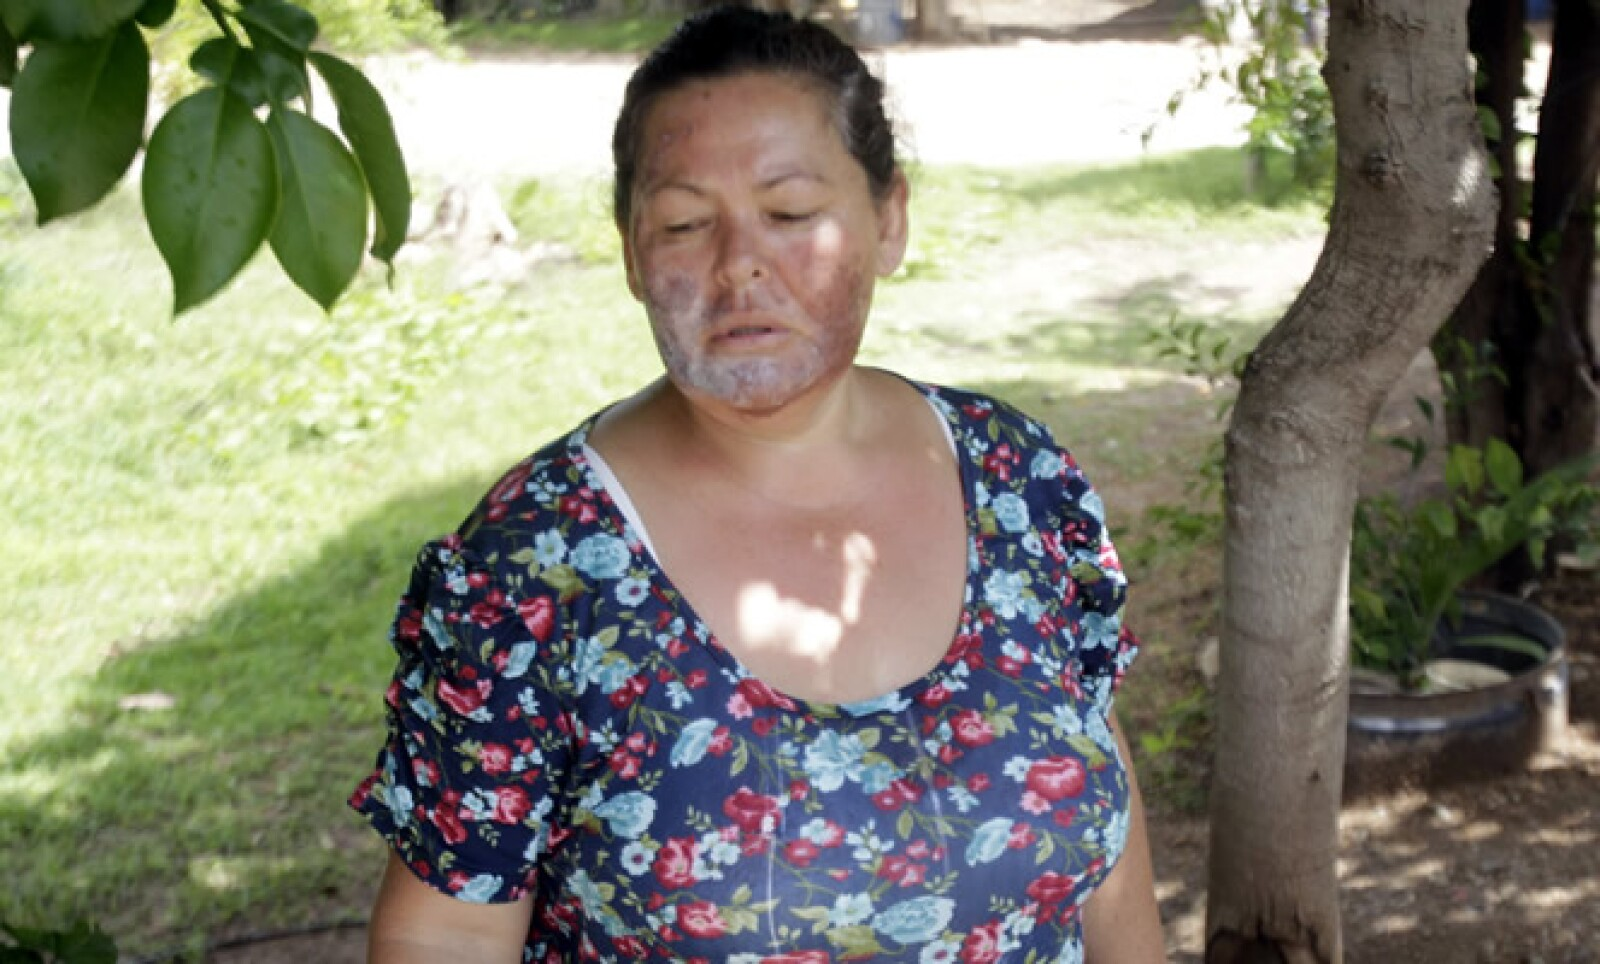 Una habitante fue afectada al lavarse la cara con agua del río sin saber que estaba contaminada con ácidos y metales pesados.